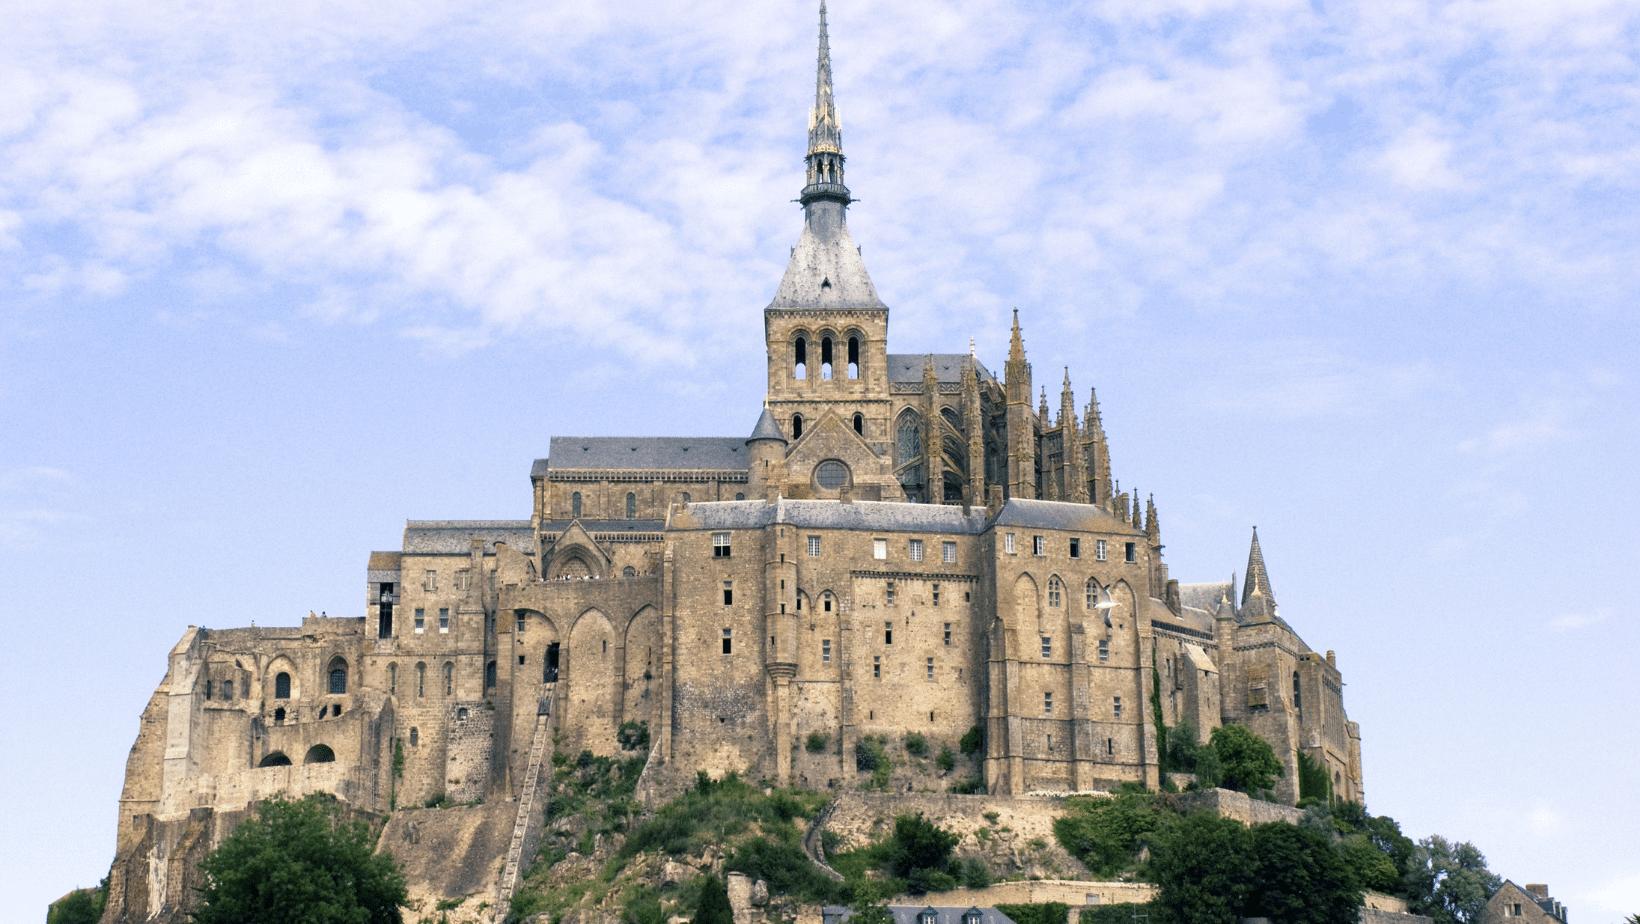 The castle in Mont Saint Michel